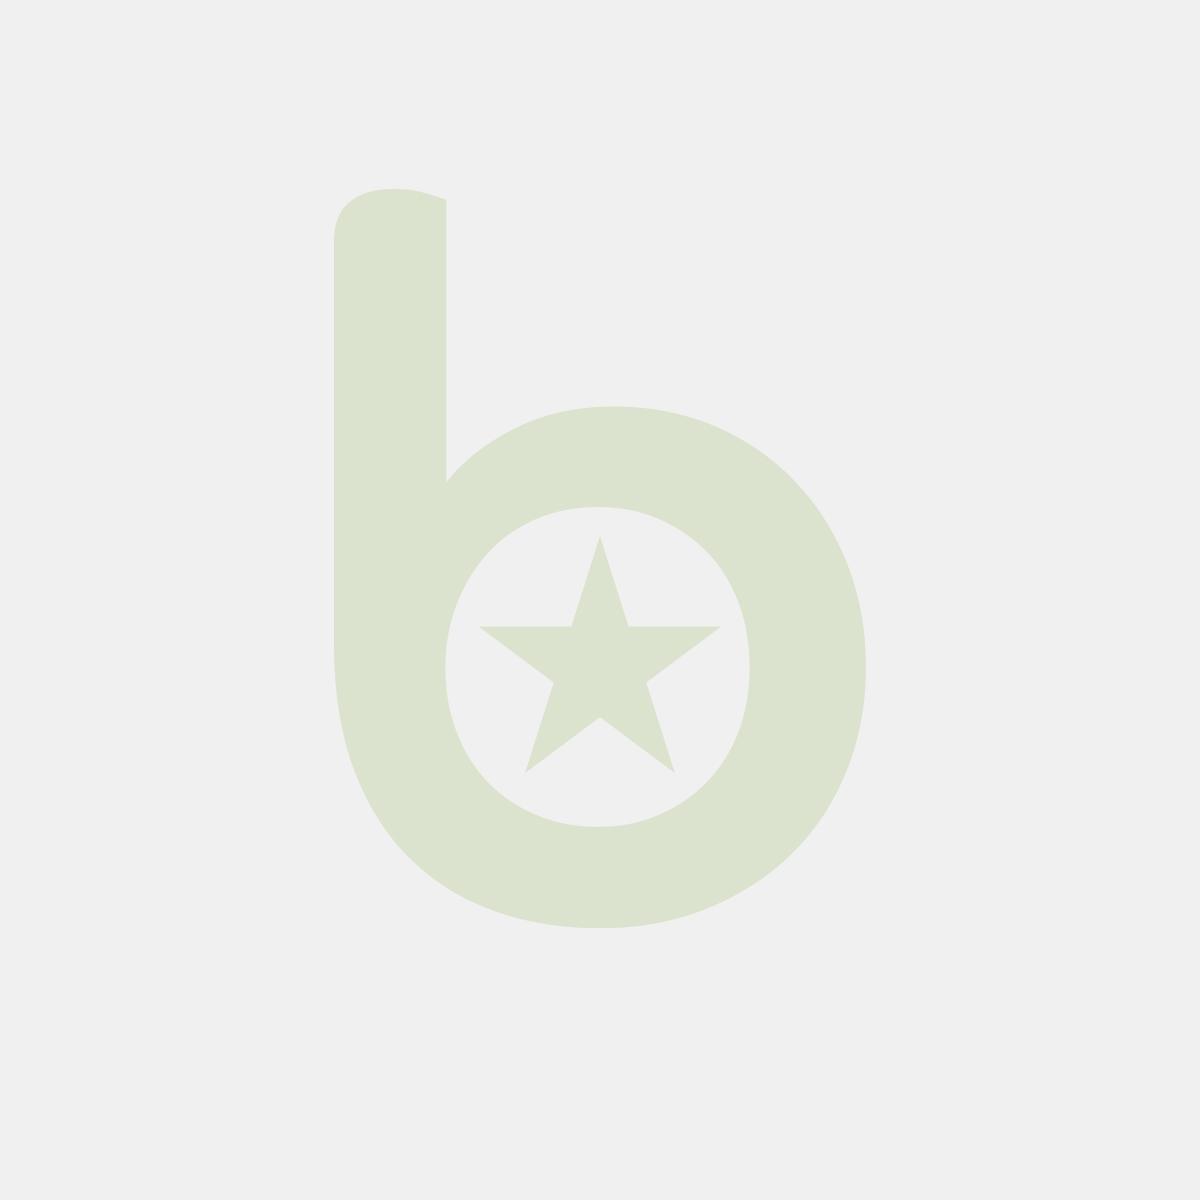 Profesjonalny preparat do nabłyszczania i polerowania stali - kod 975169